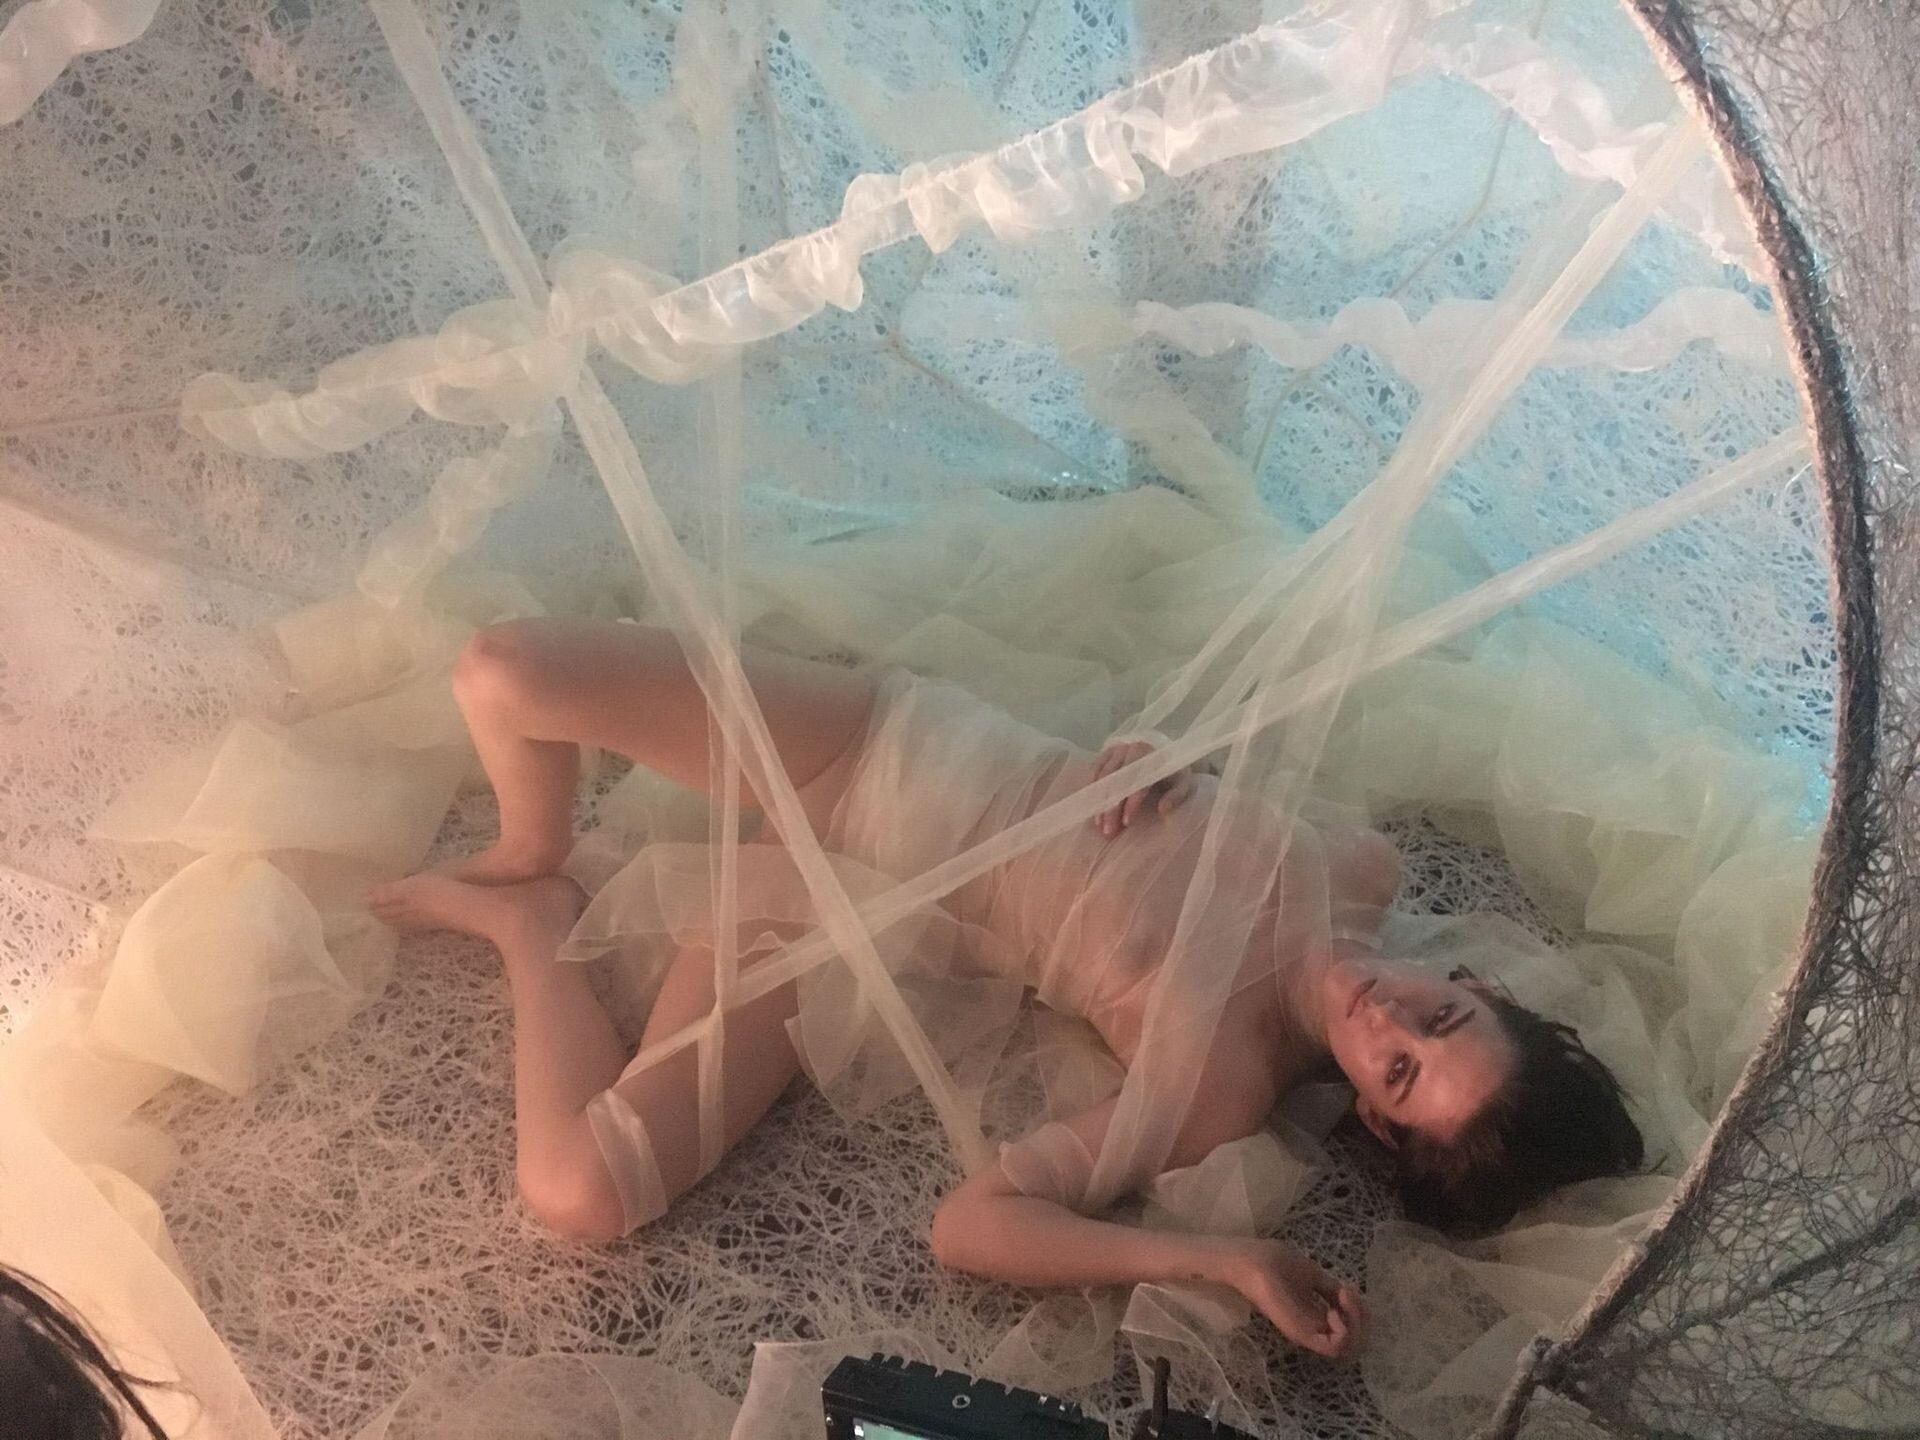 Kristen Stewart Nude Leaked 12 fappenings.com